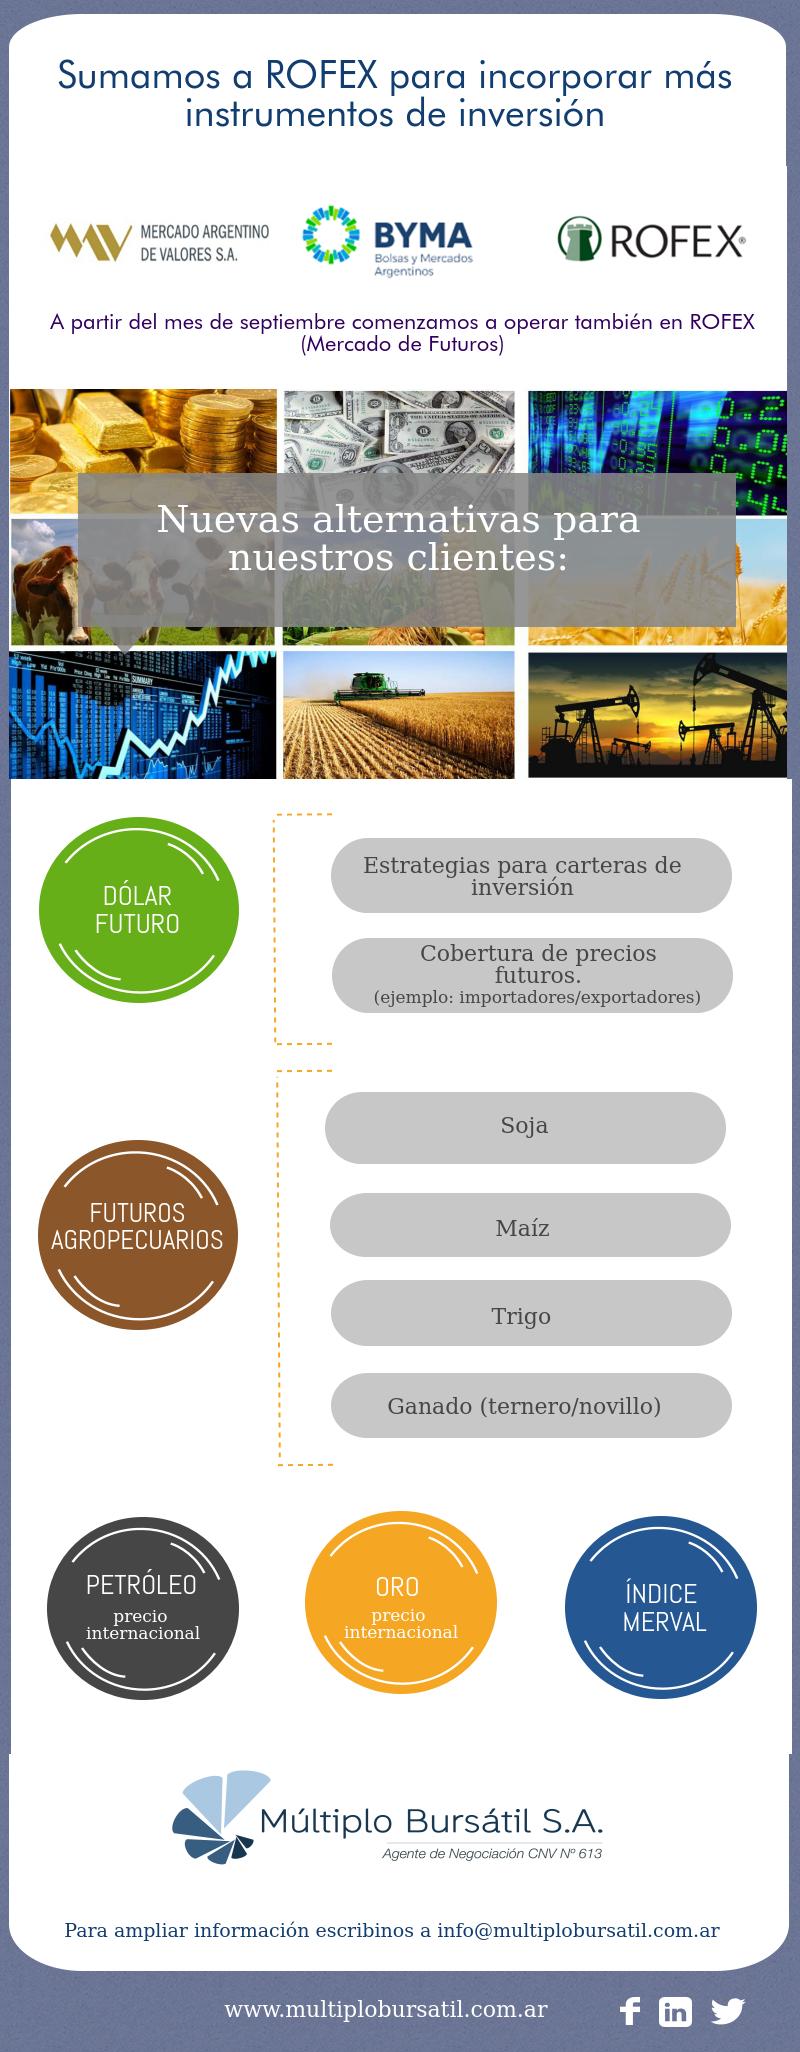 Sumamos a ROFEX – Mercado de Futuros